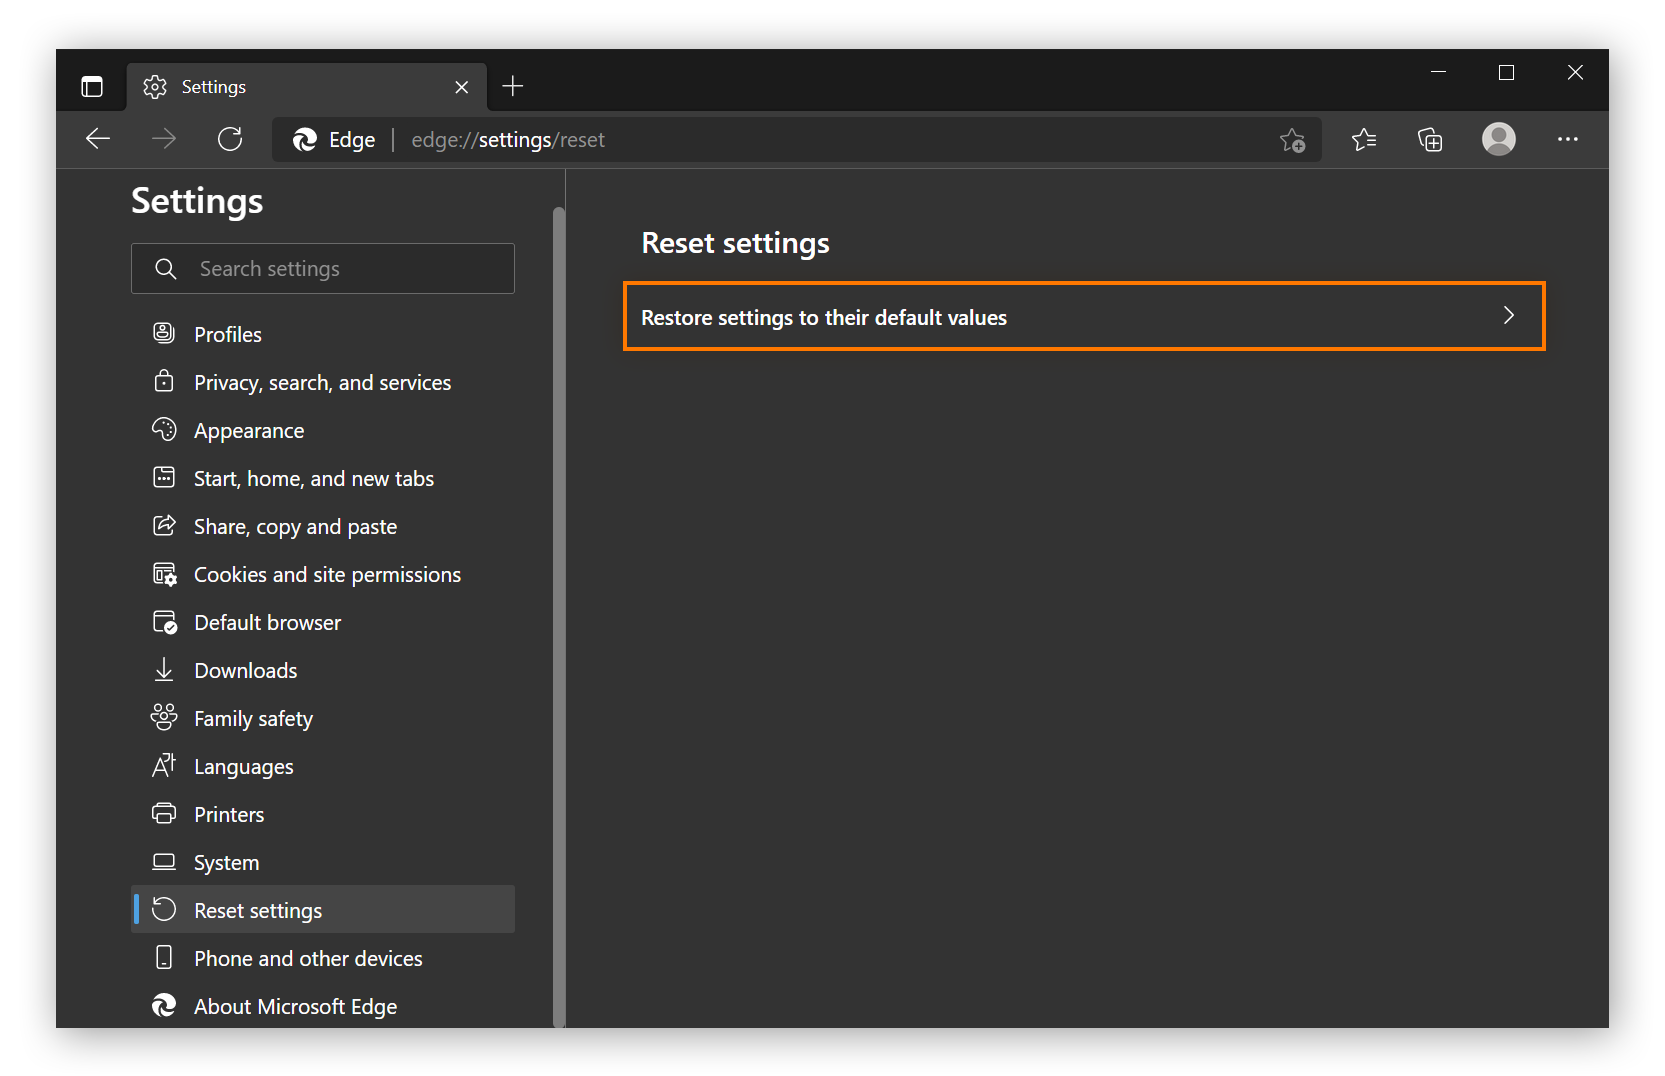 The reset settings menu in Microsoft edge.